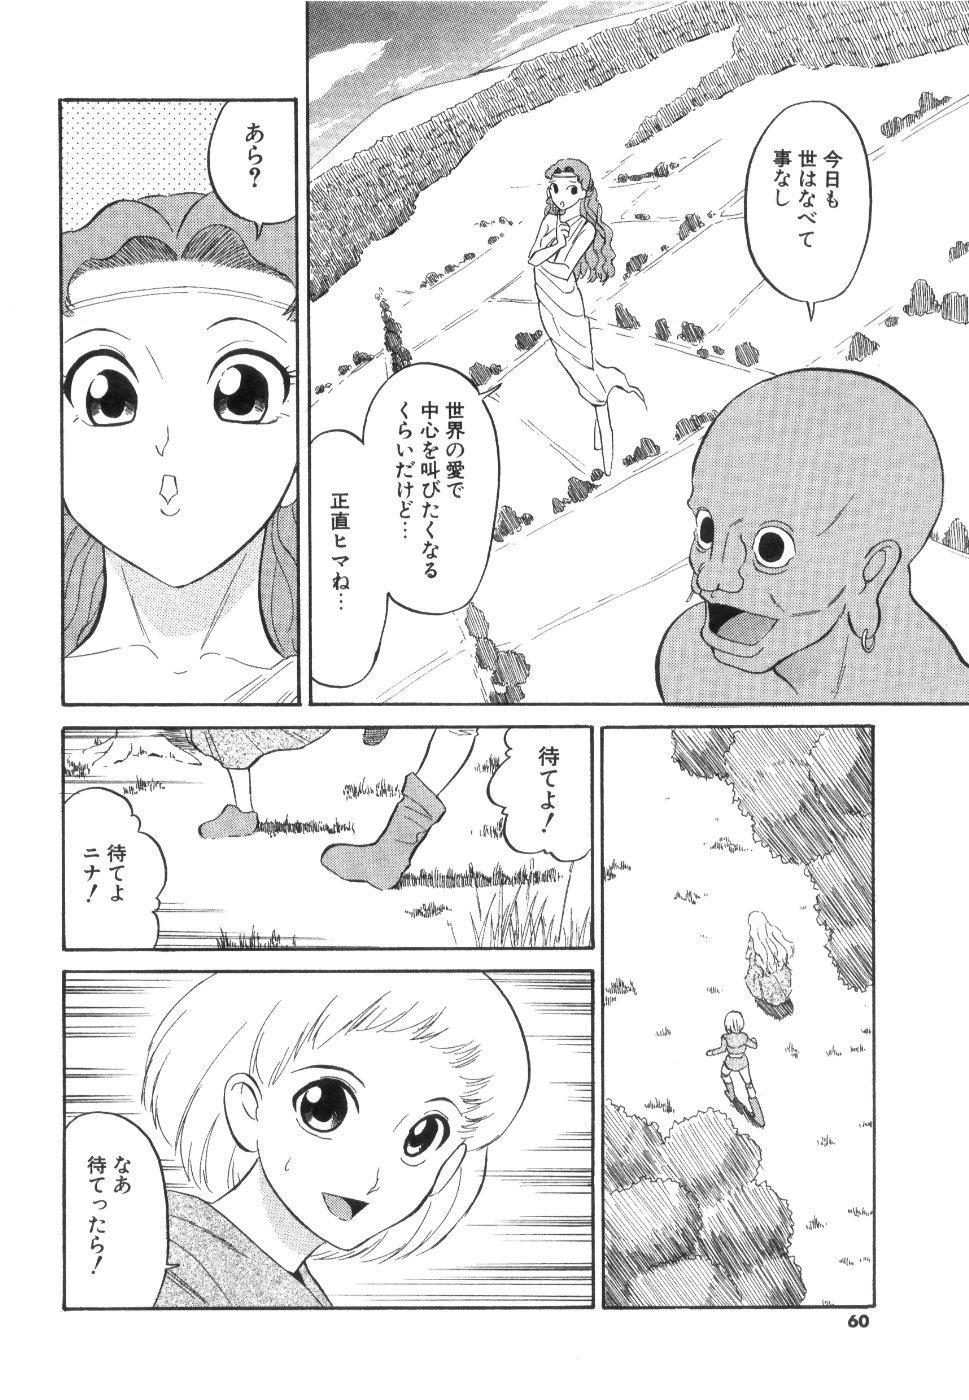 [Dozamura] Doguu -Dozamura Guuwa- Kuro 60